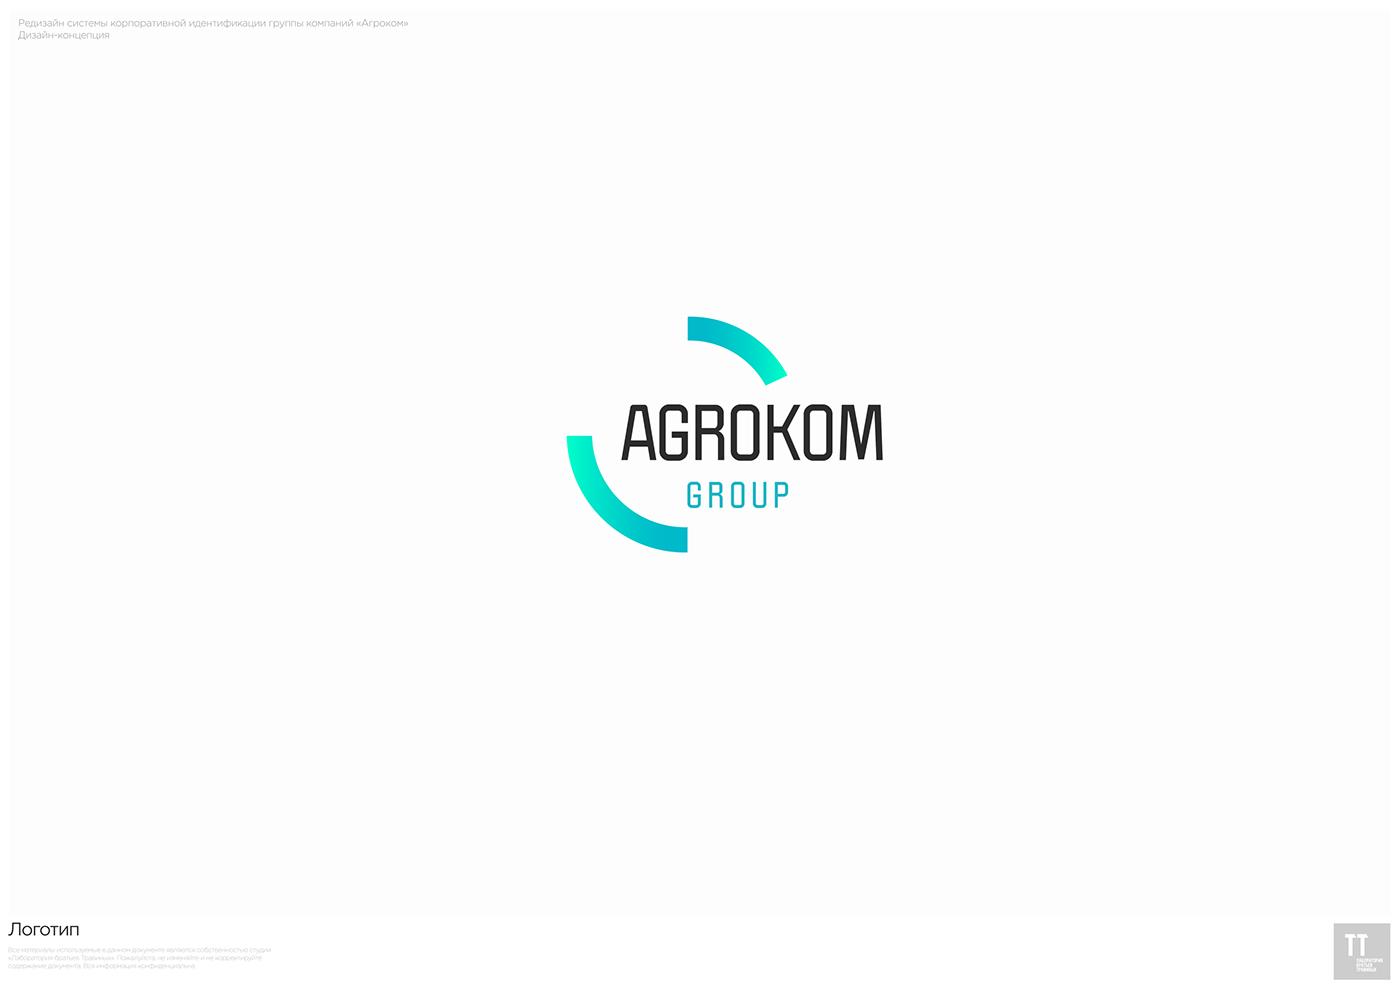 Adobe Portfolio Агроком группа. Российский агропромышленный холдинг владеющий активами в табачной и пищевой промышленности сельскохозяйственной отрасли упаковочной